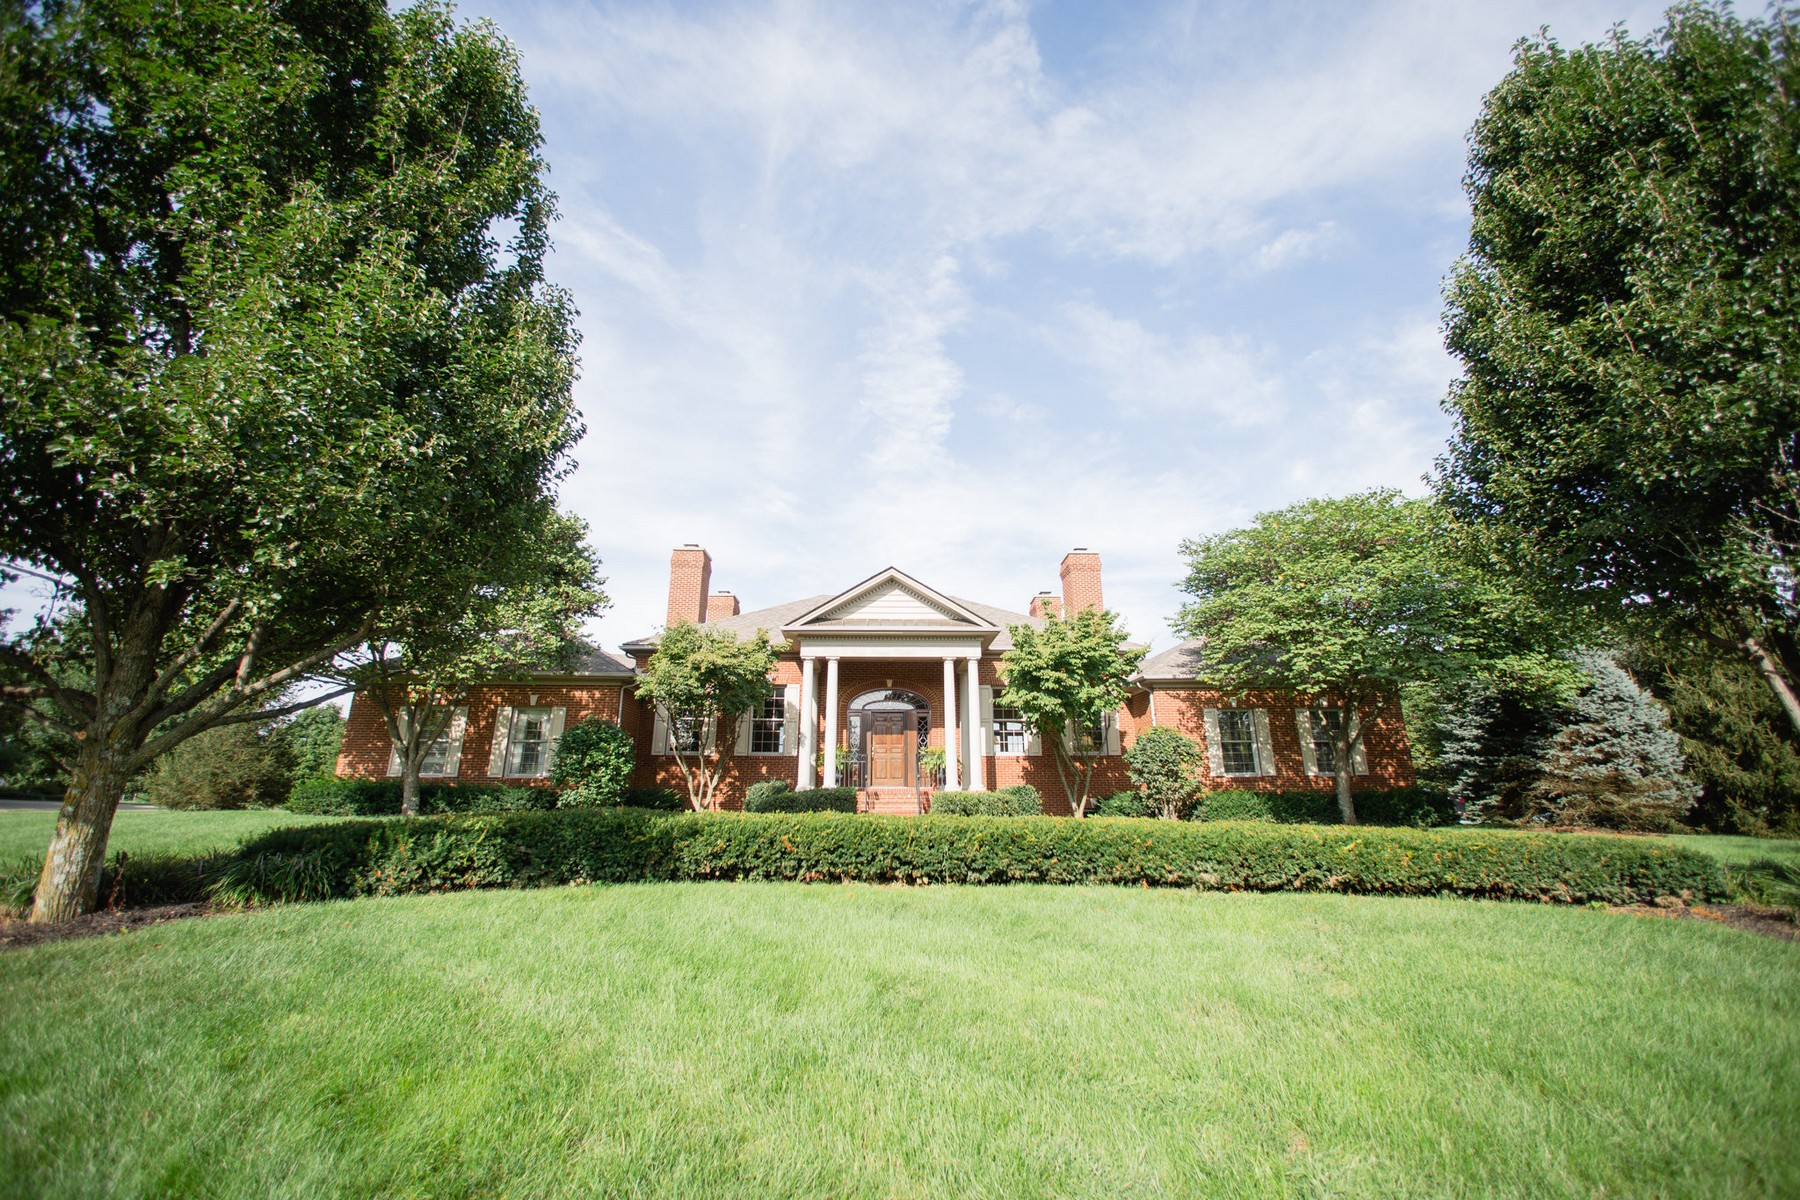 Maison unifamiliale pour l Vente à 14 Court of Champions Nicholasville, Kentucky, 40356 États-Unis